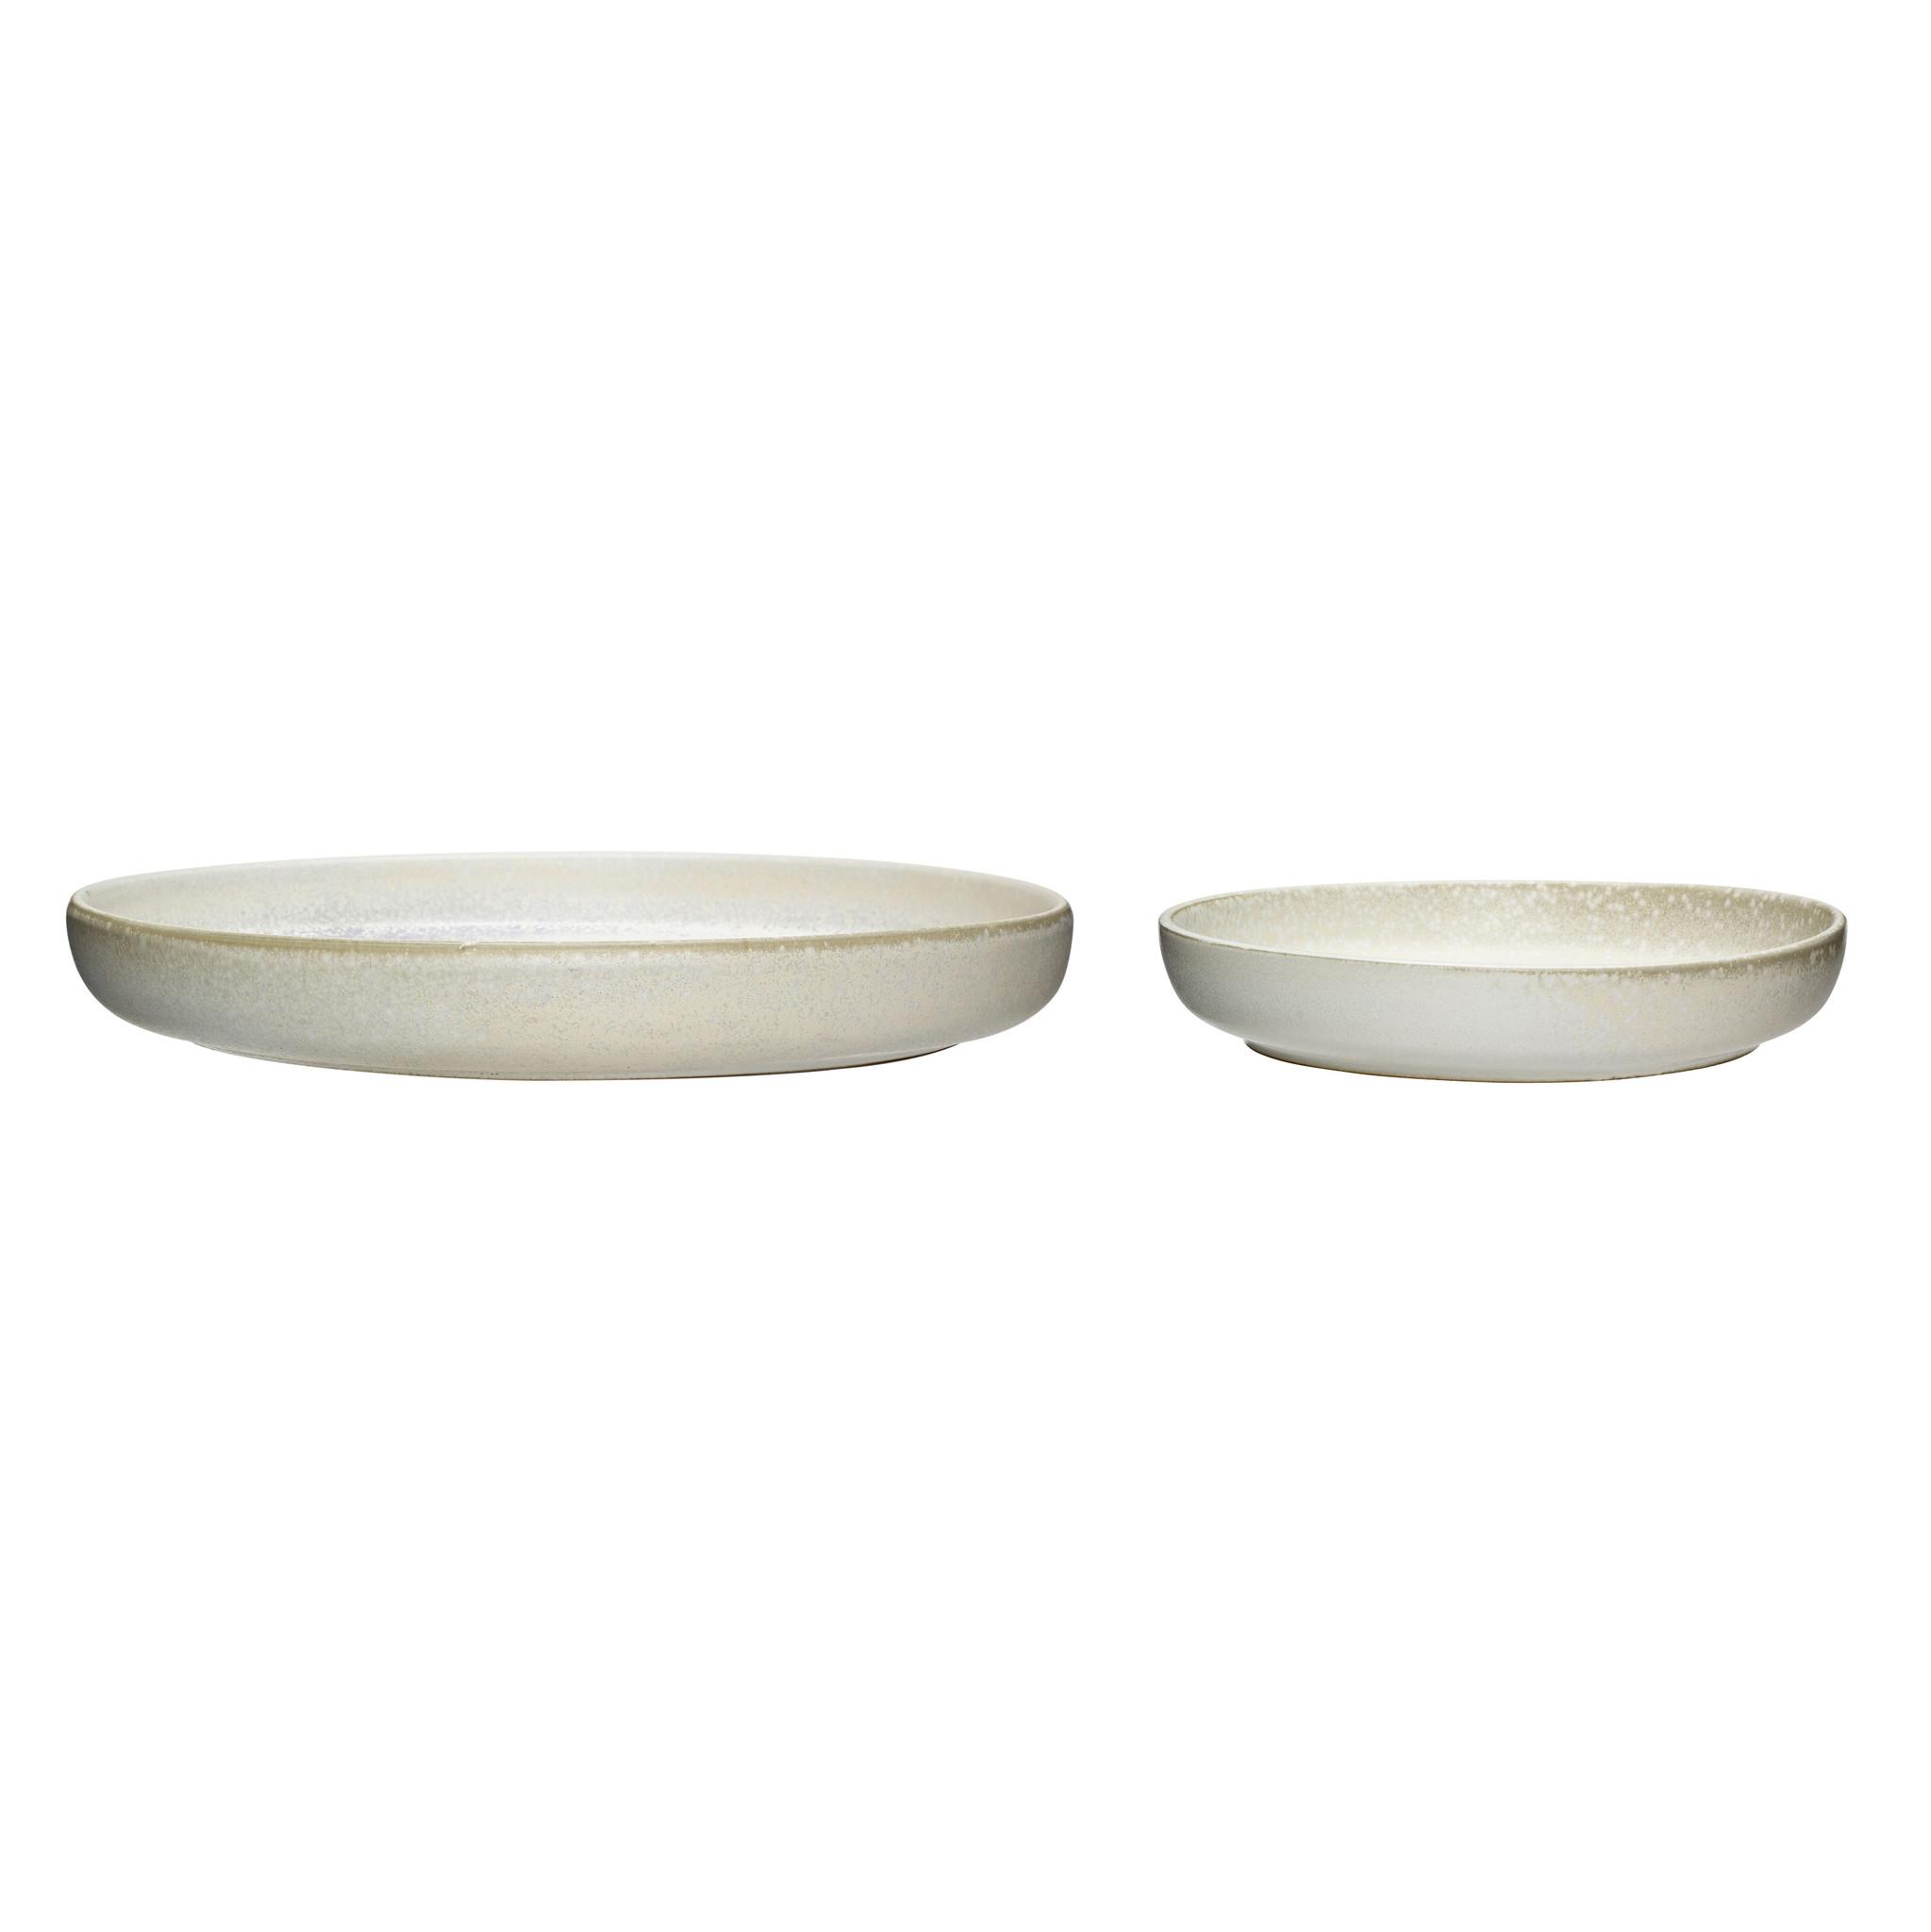 Hubsch Kom, keramiek, wit, set van 2-760805-5712772068458